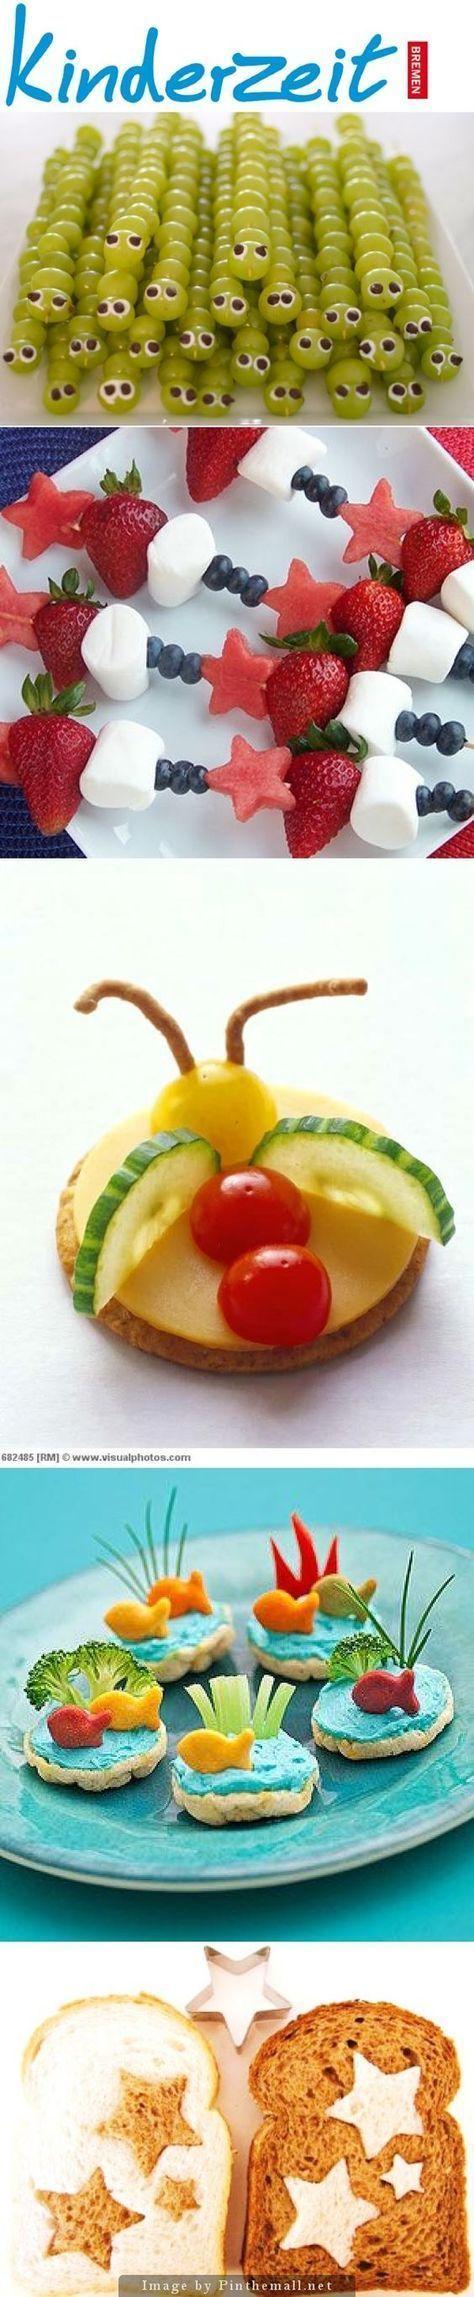 27 IDEEN FÜR KREATIVES KINDERESSEN Es ist nicht immer leicht, Kinder zum Essen zu bewegen, vor allem nicht, wenn es um Obst und Gemüse geht. Gut, dass gerade die Kleinen häufig so visuell gesteuert sind, so dass man mit ein paar kleinen Tricks, schnell ihr Interesse wecken kann. http://www.kinderzeit-bremen.de/blogs/blog #Kinder #Essen #Lunch #Pausenbrot